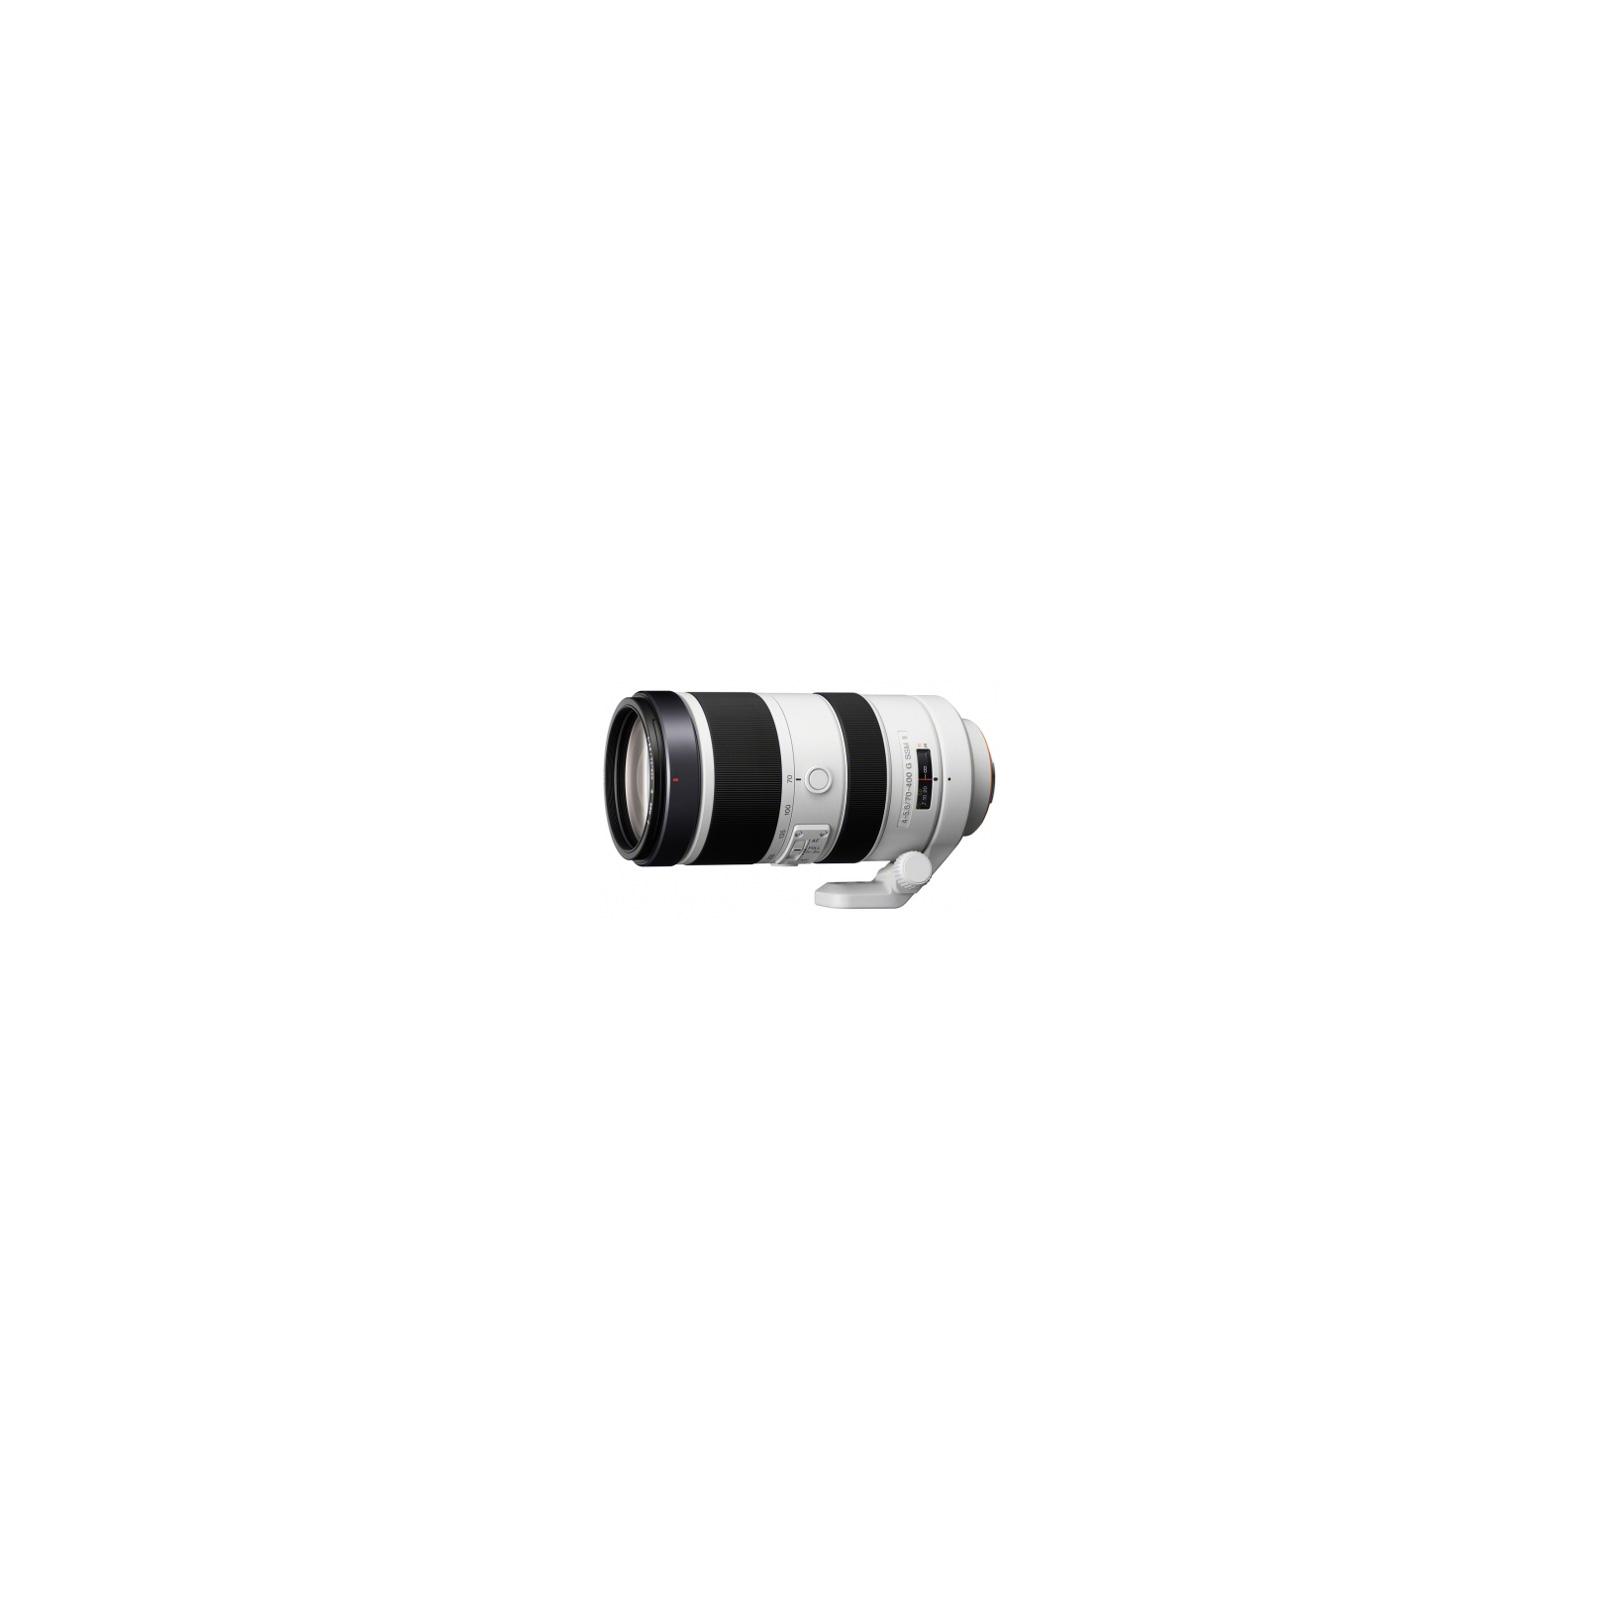 Объектив SONY 70-400mm f/4.5-5.6G SSM II (SAL70400G2.AE)